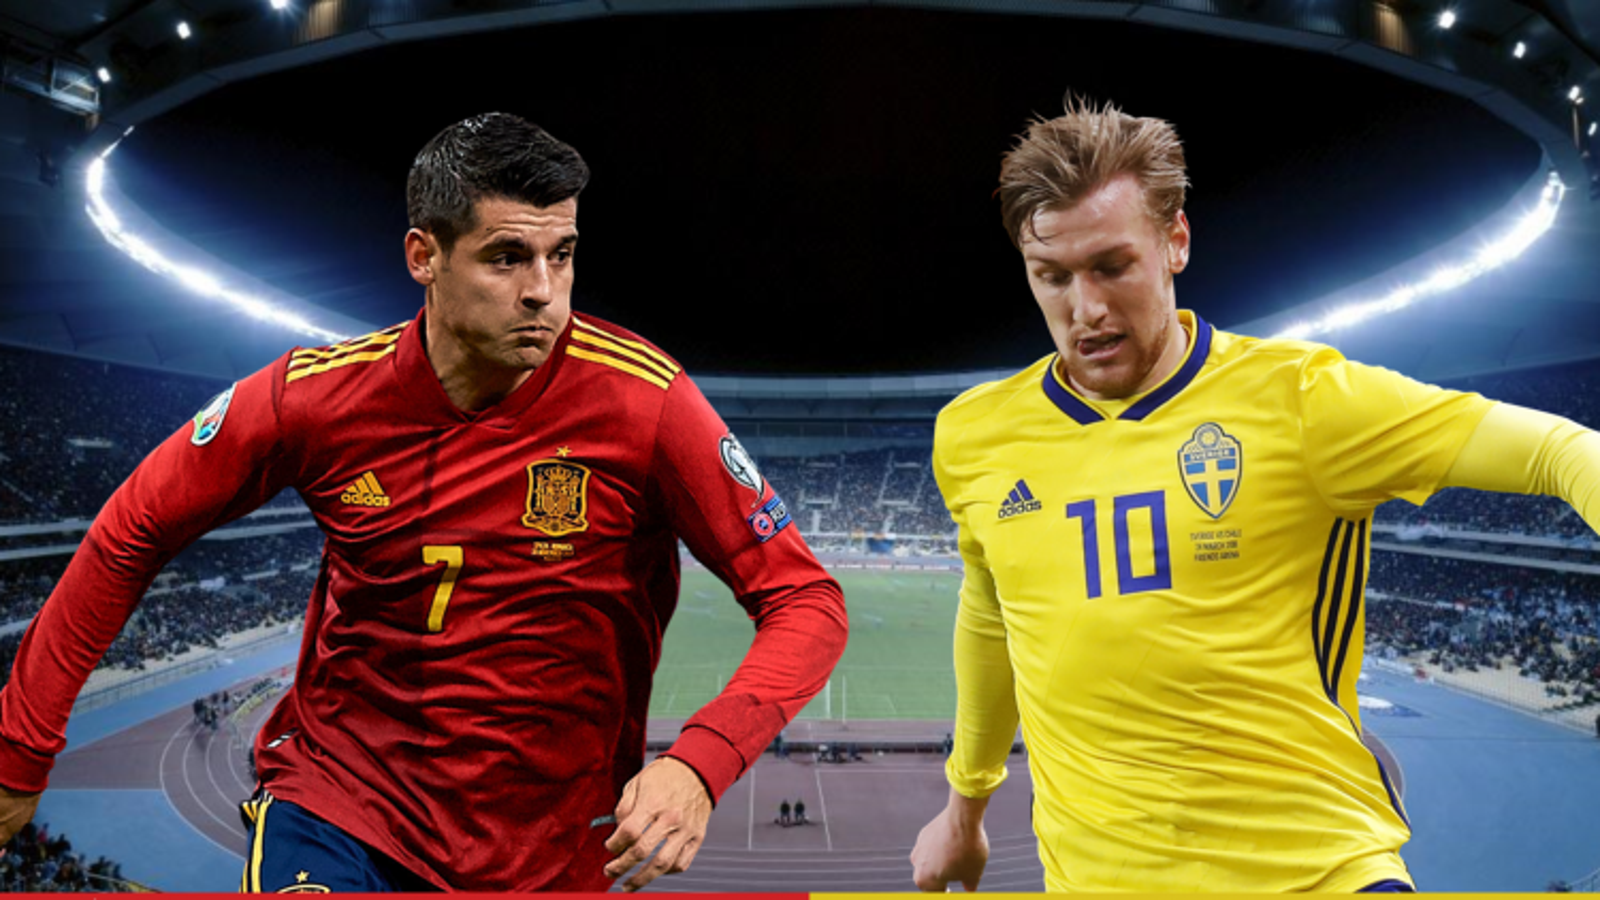 Dự đoán tỷ số, đội hình xuất phát trận Tây Ban Nha - Thụy Điển